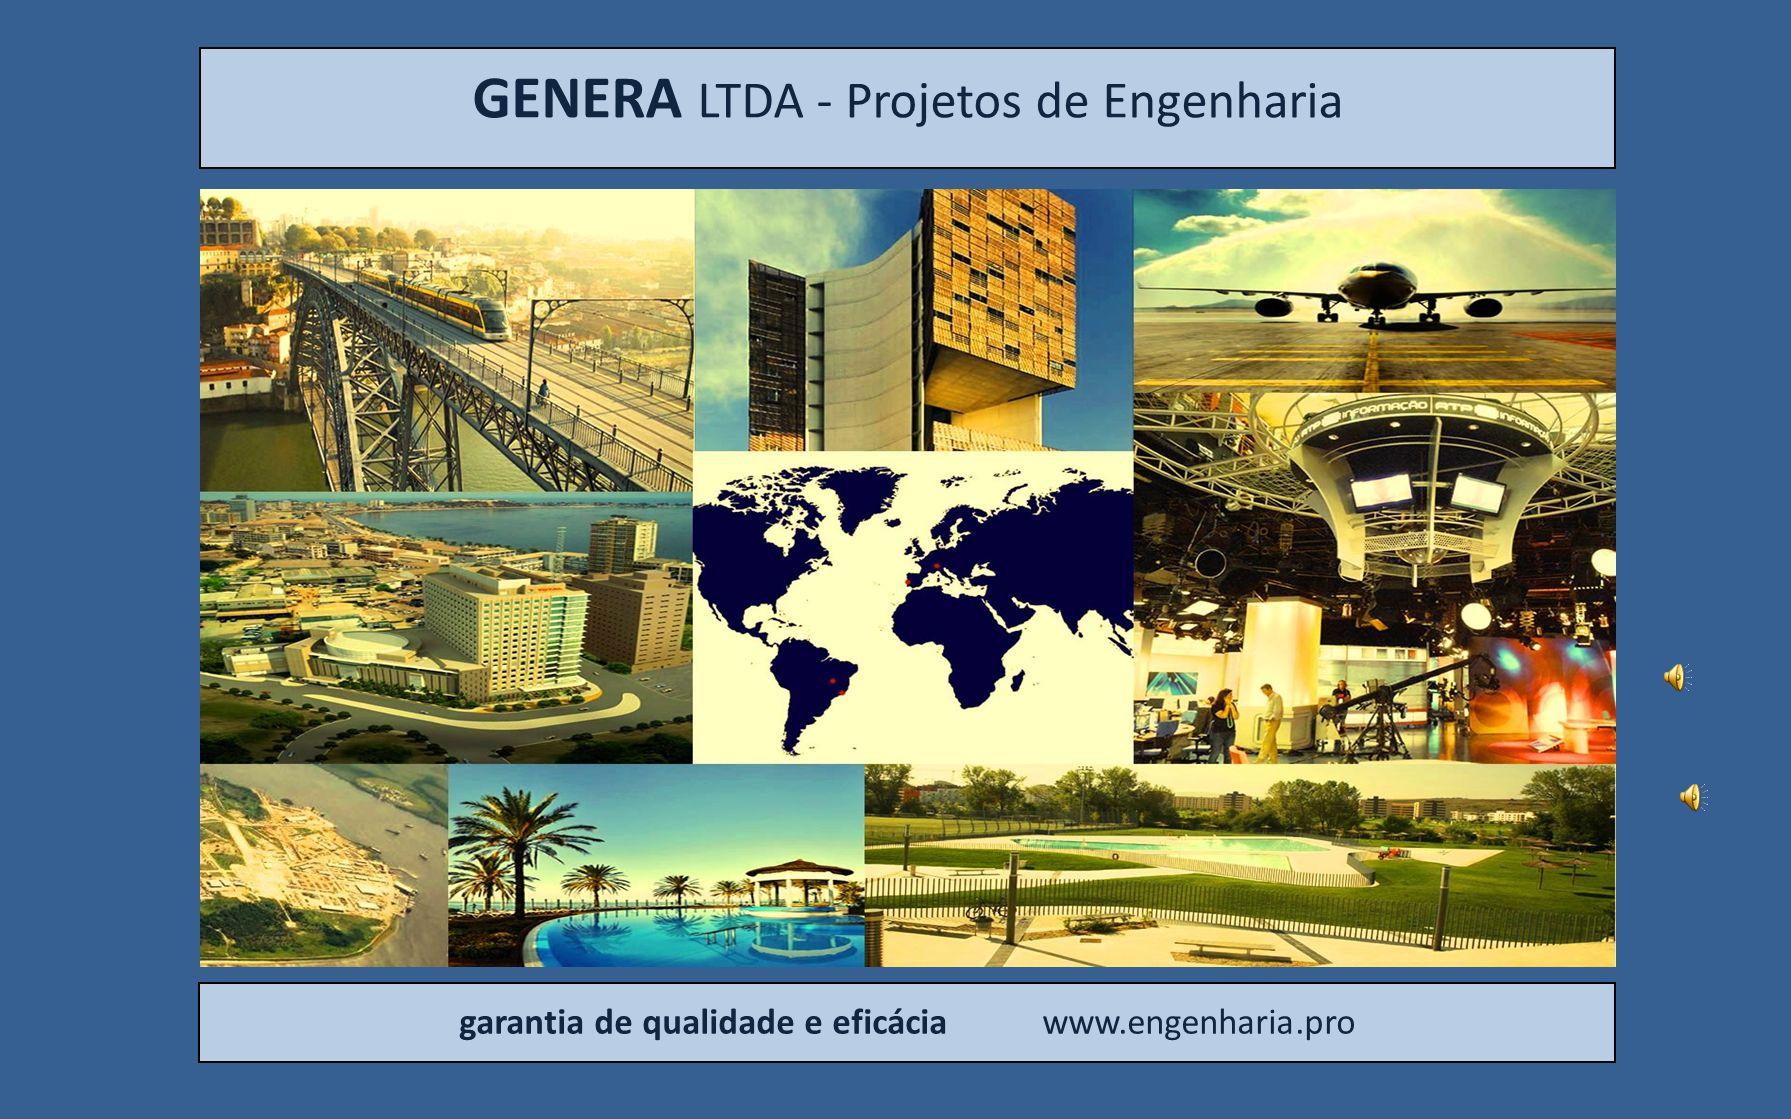 GENERA LTDA - Projetos de Engenharia